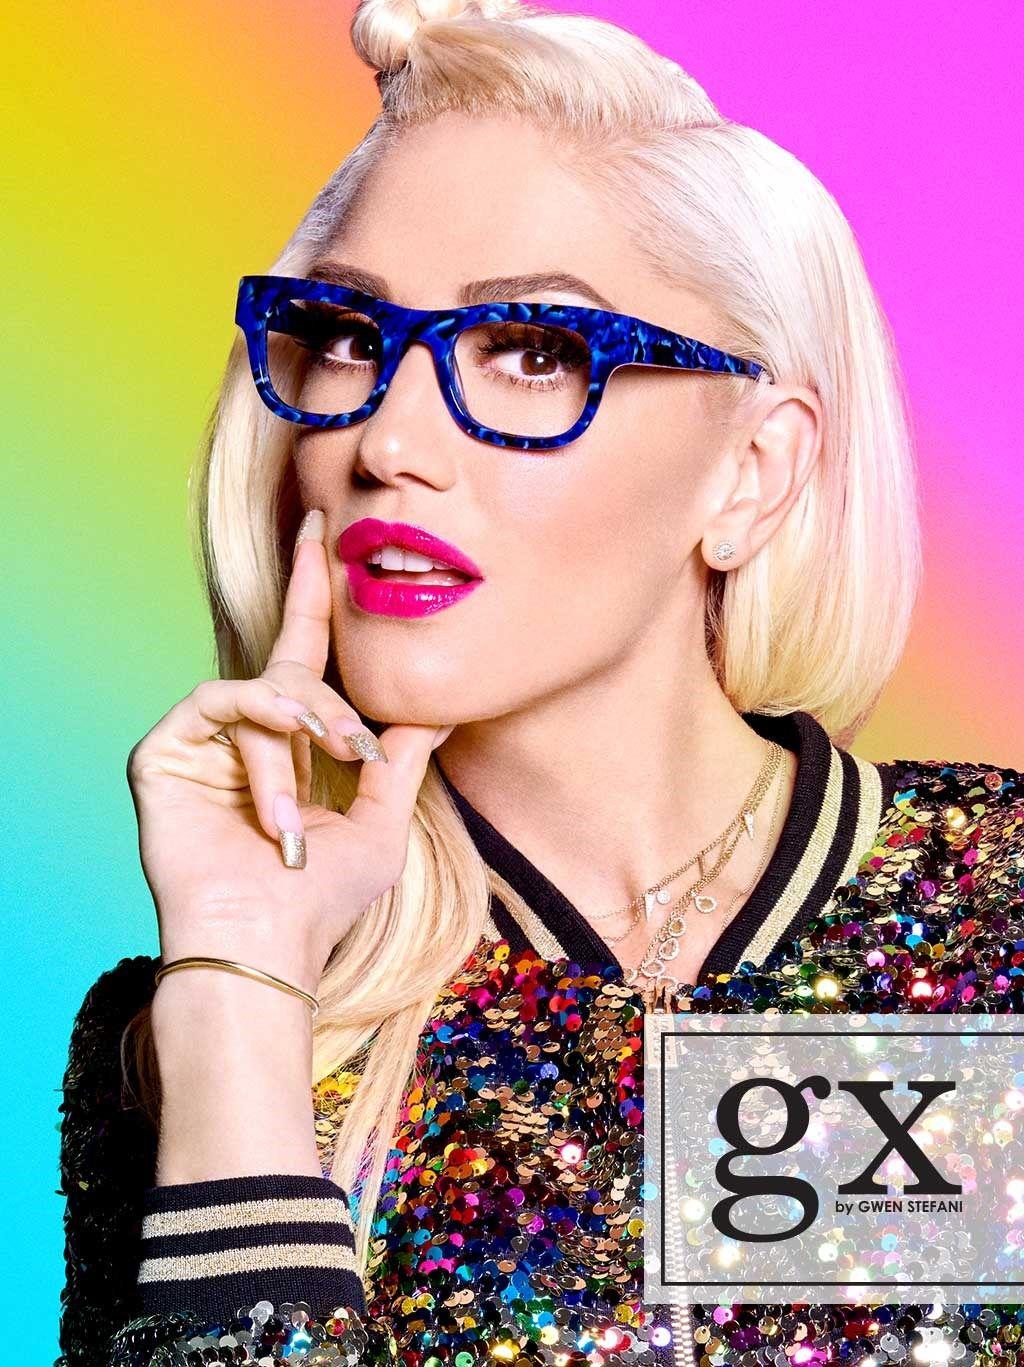 gx by Gwen Stefani | G... Gwen Stefani Glasses